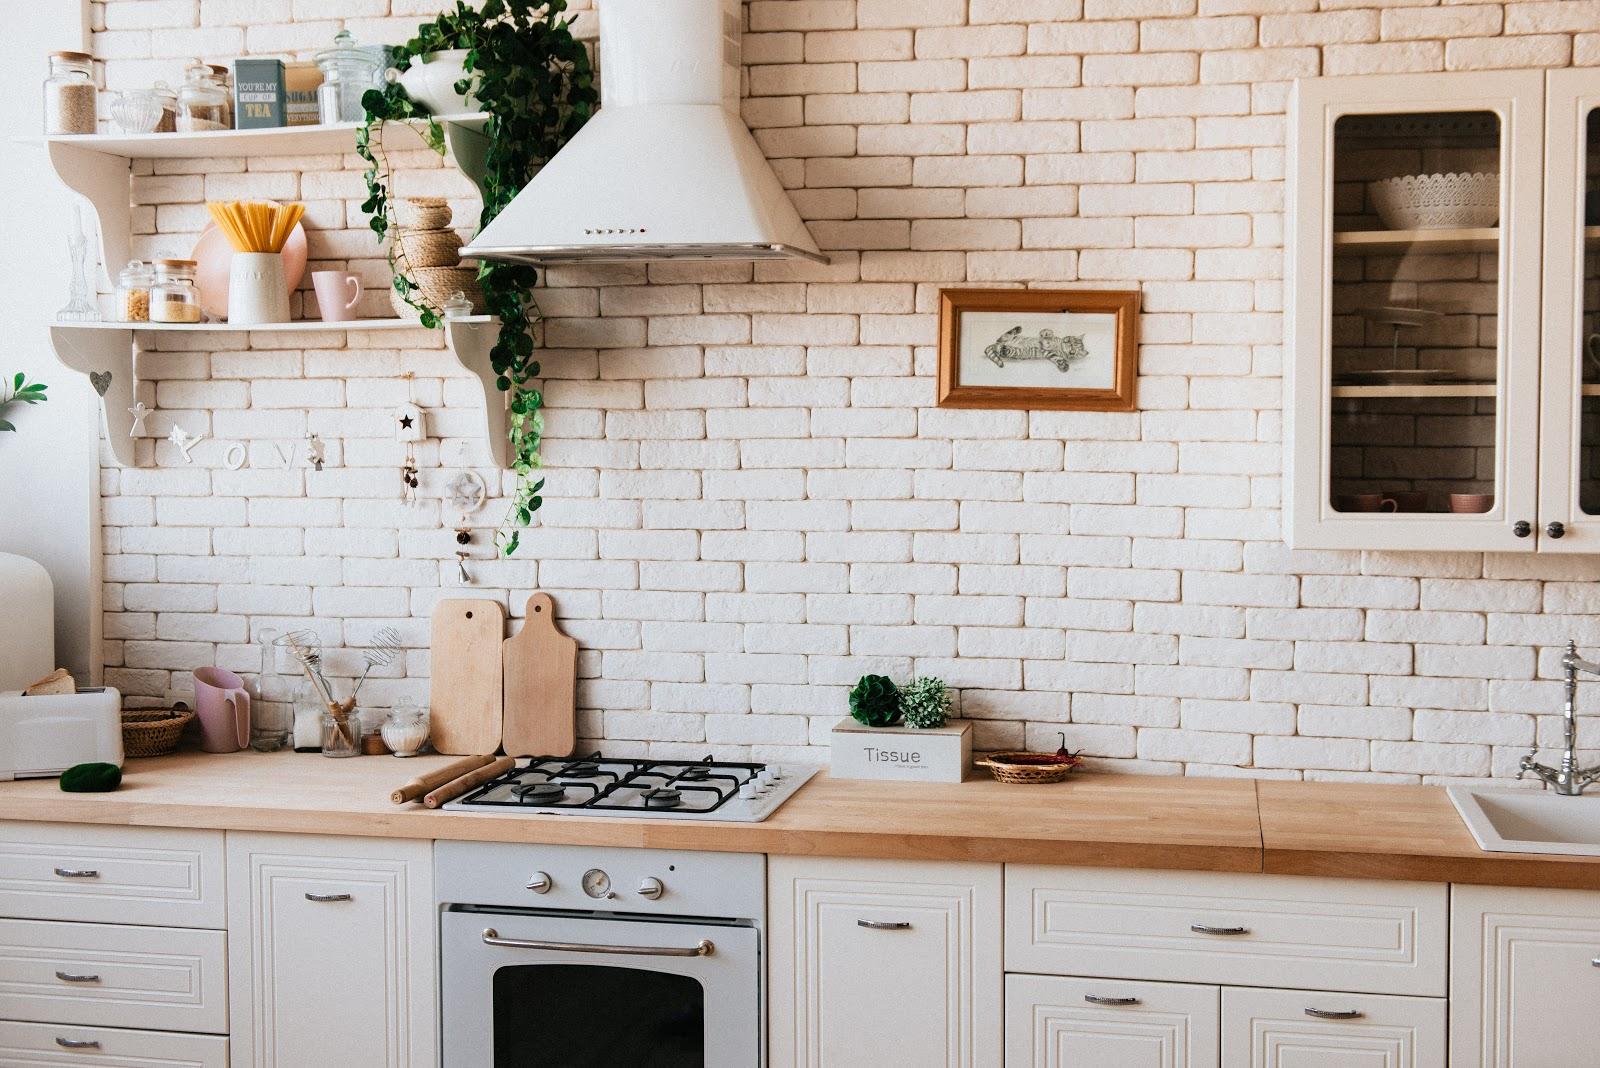 Op deze manier kun je een kleine keuken gezellig inrichten